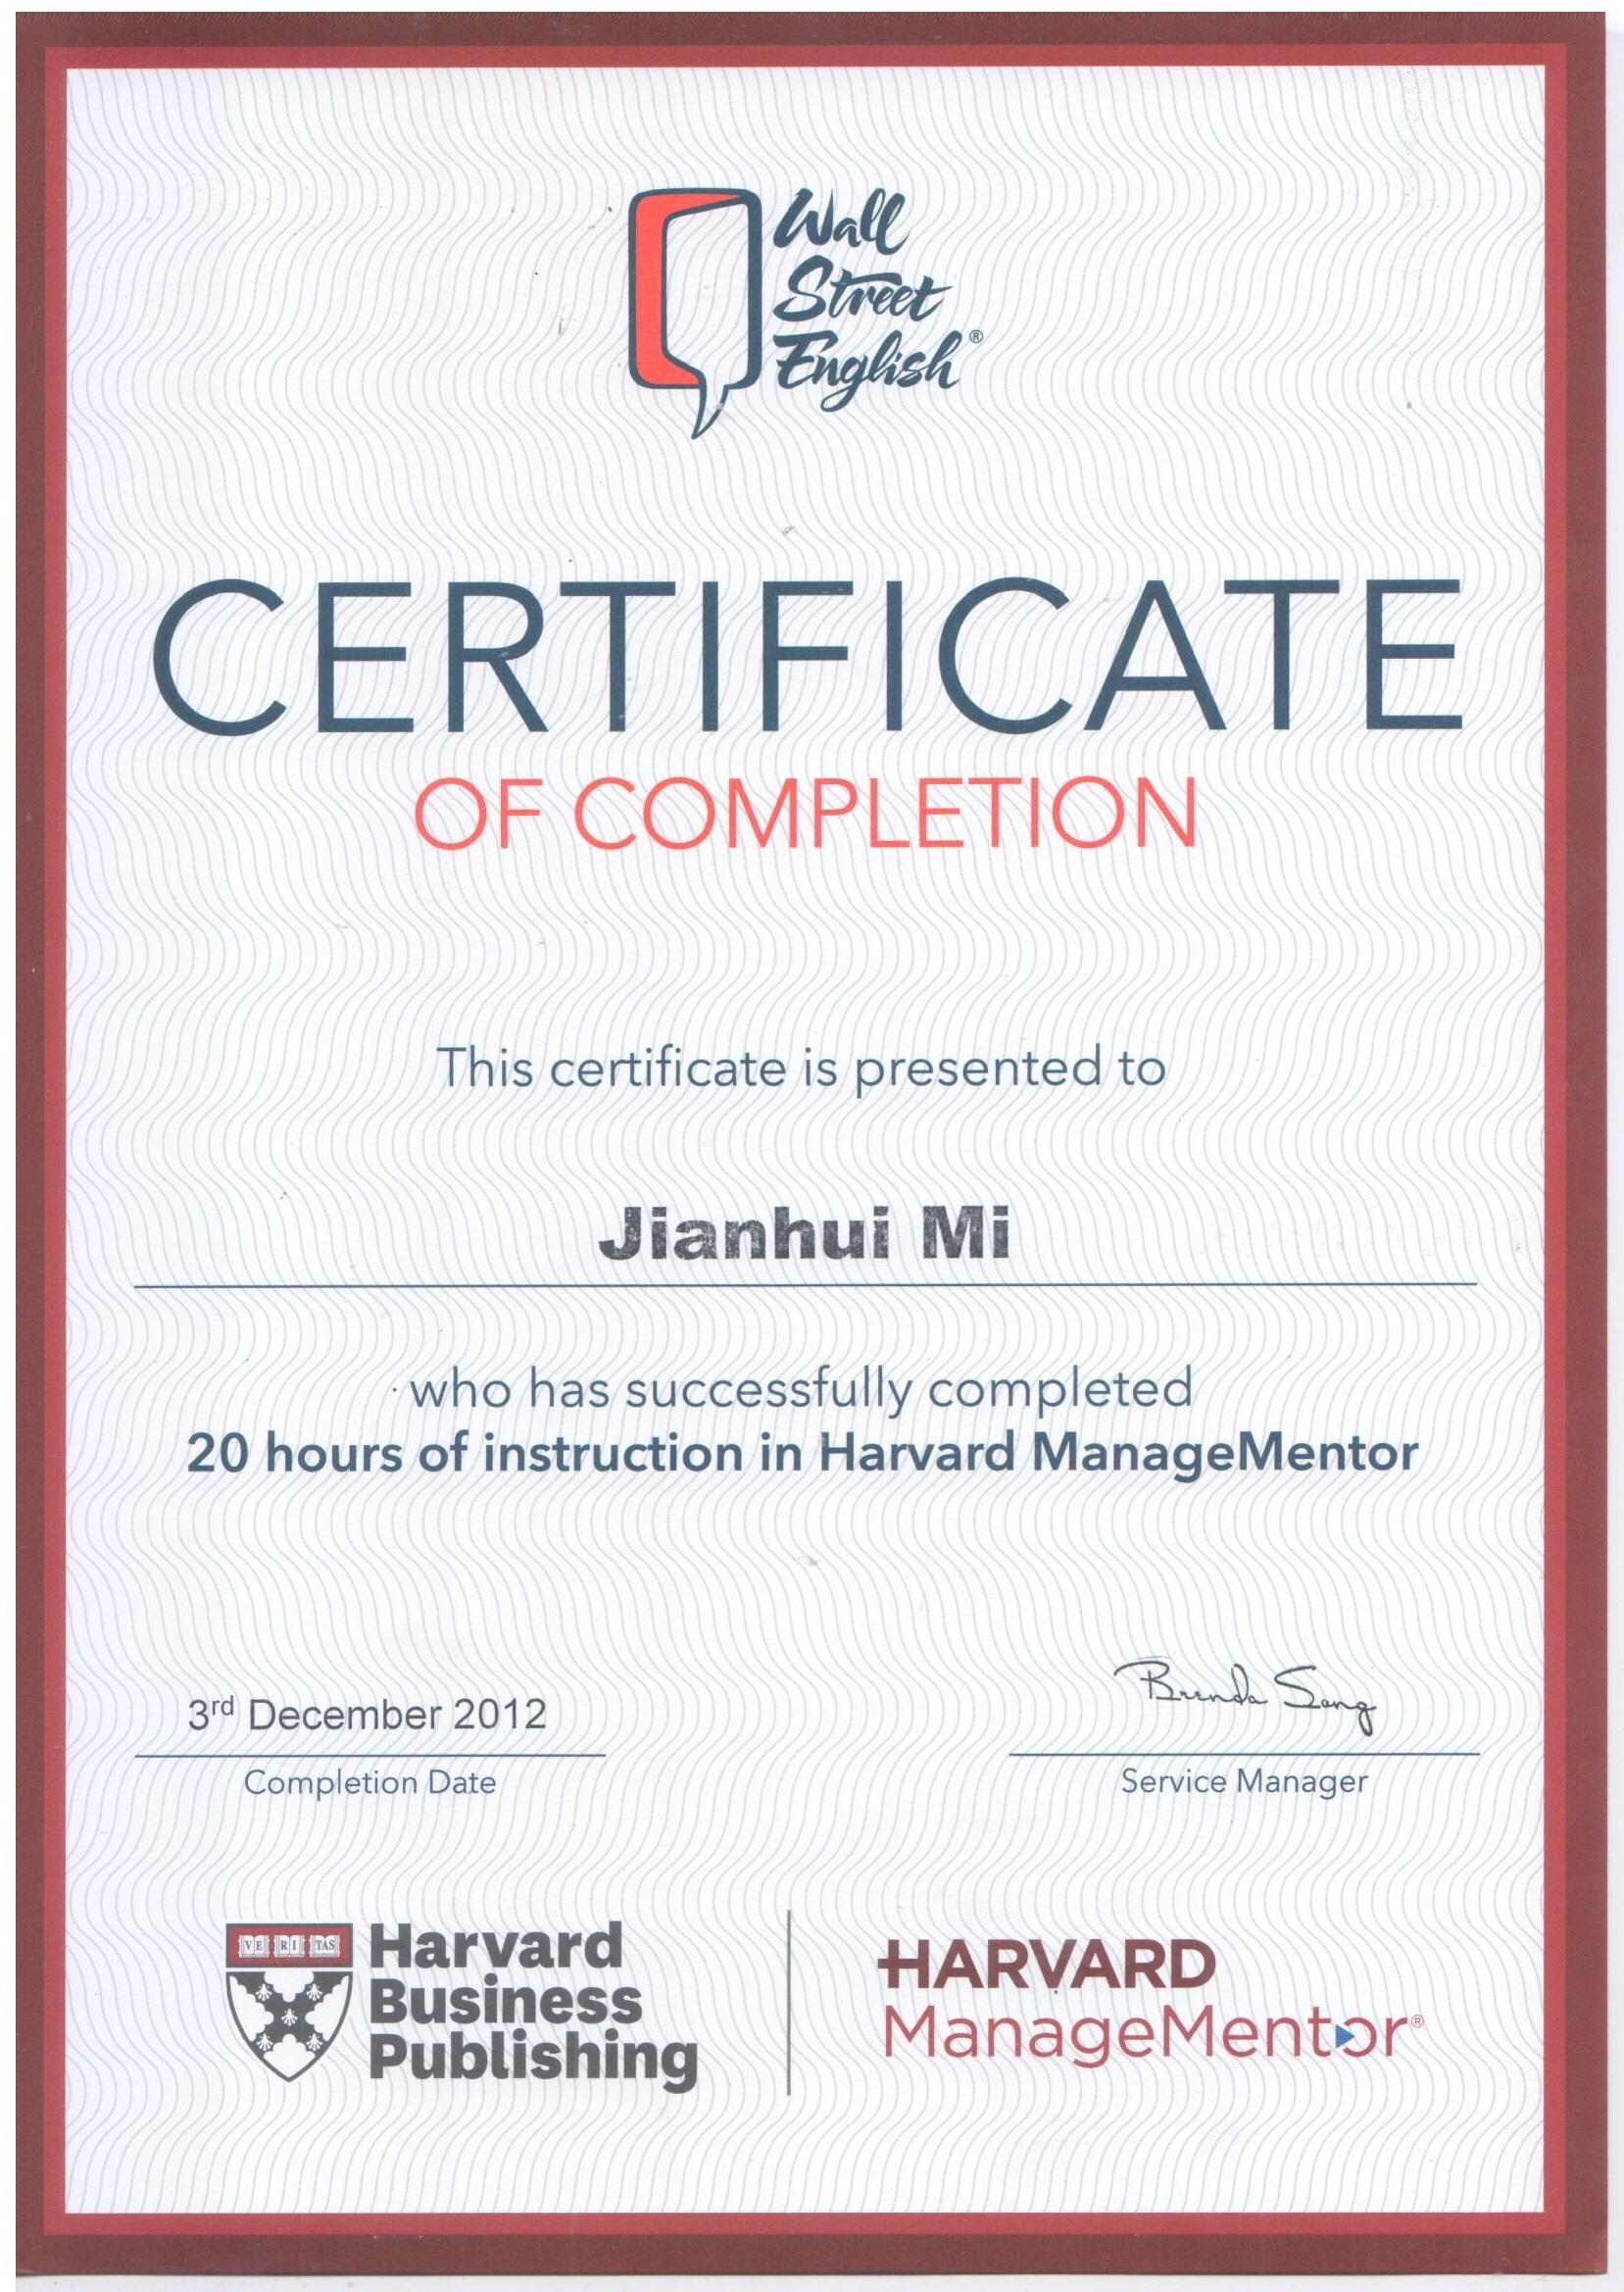 米国生活-米建辉-HMM Certificate-Jianhui Mi-2020